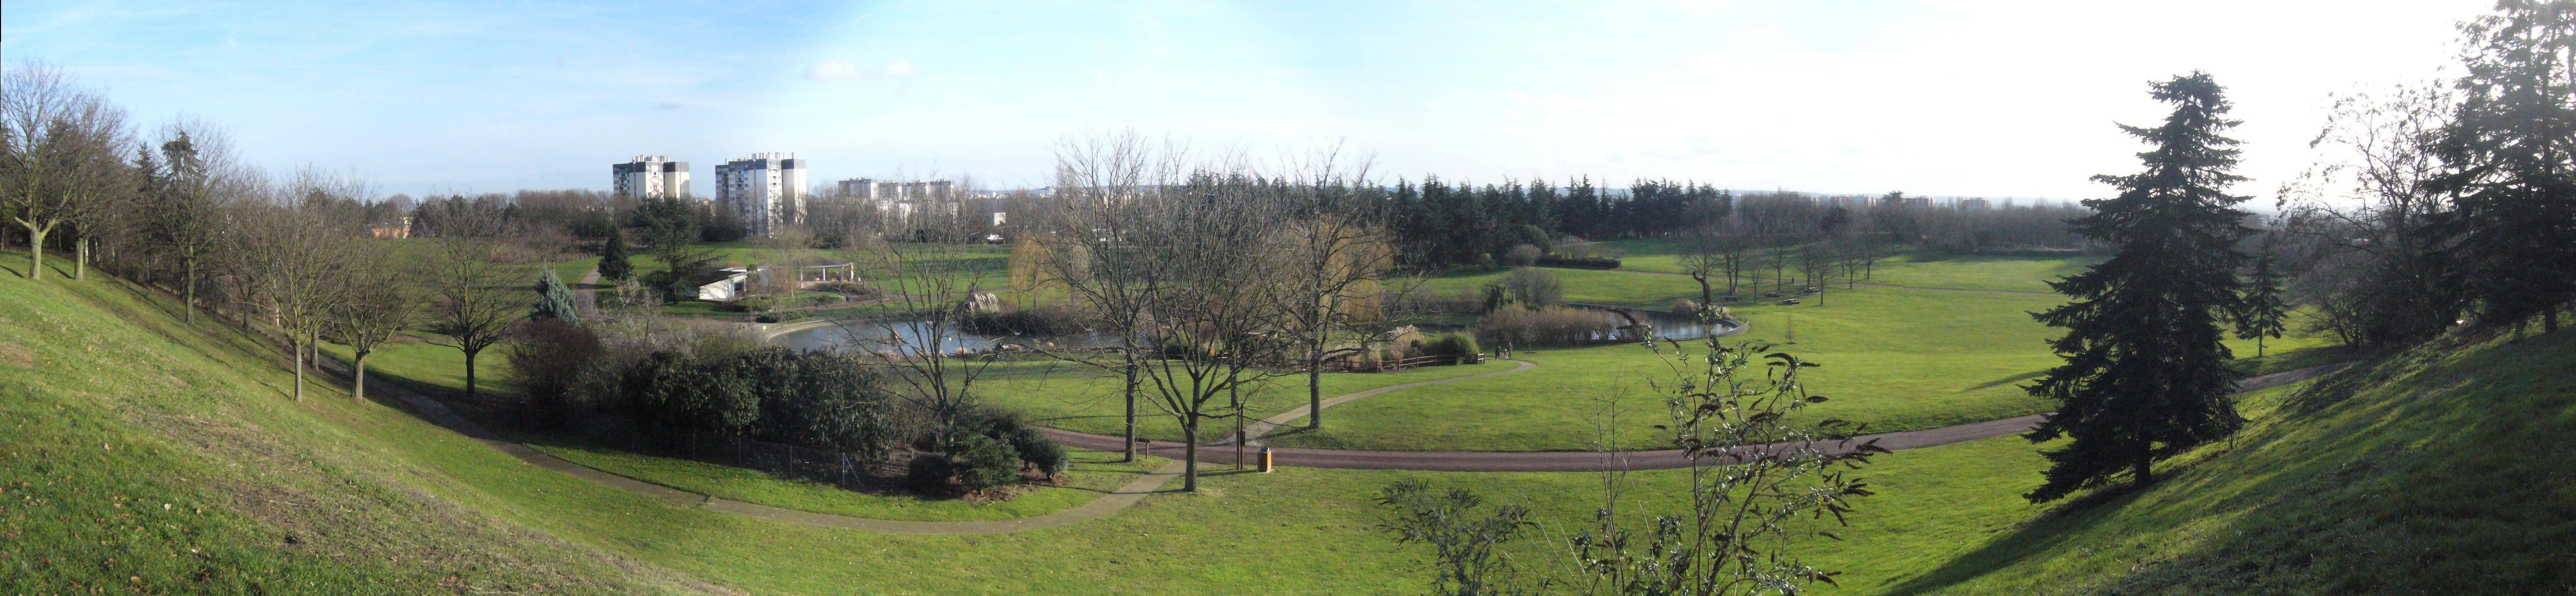 File Aulnay sous Bois, Parc Robert Ballanger jpg Wikimedia Commons # Parc Aulnay Sous Bois